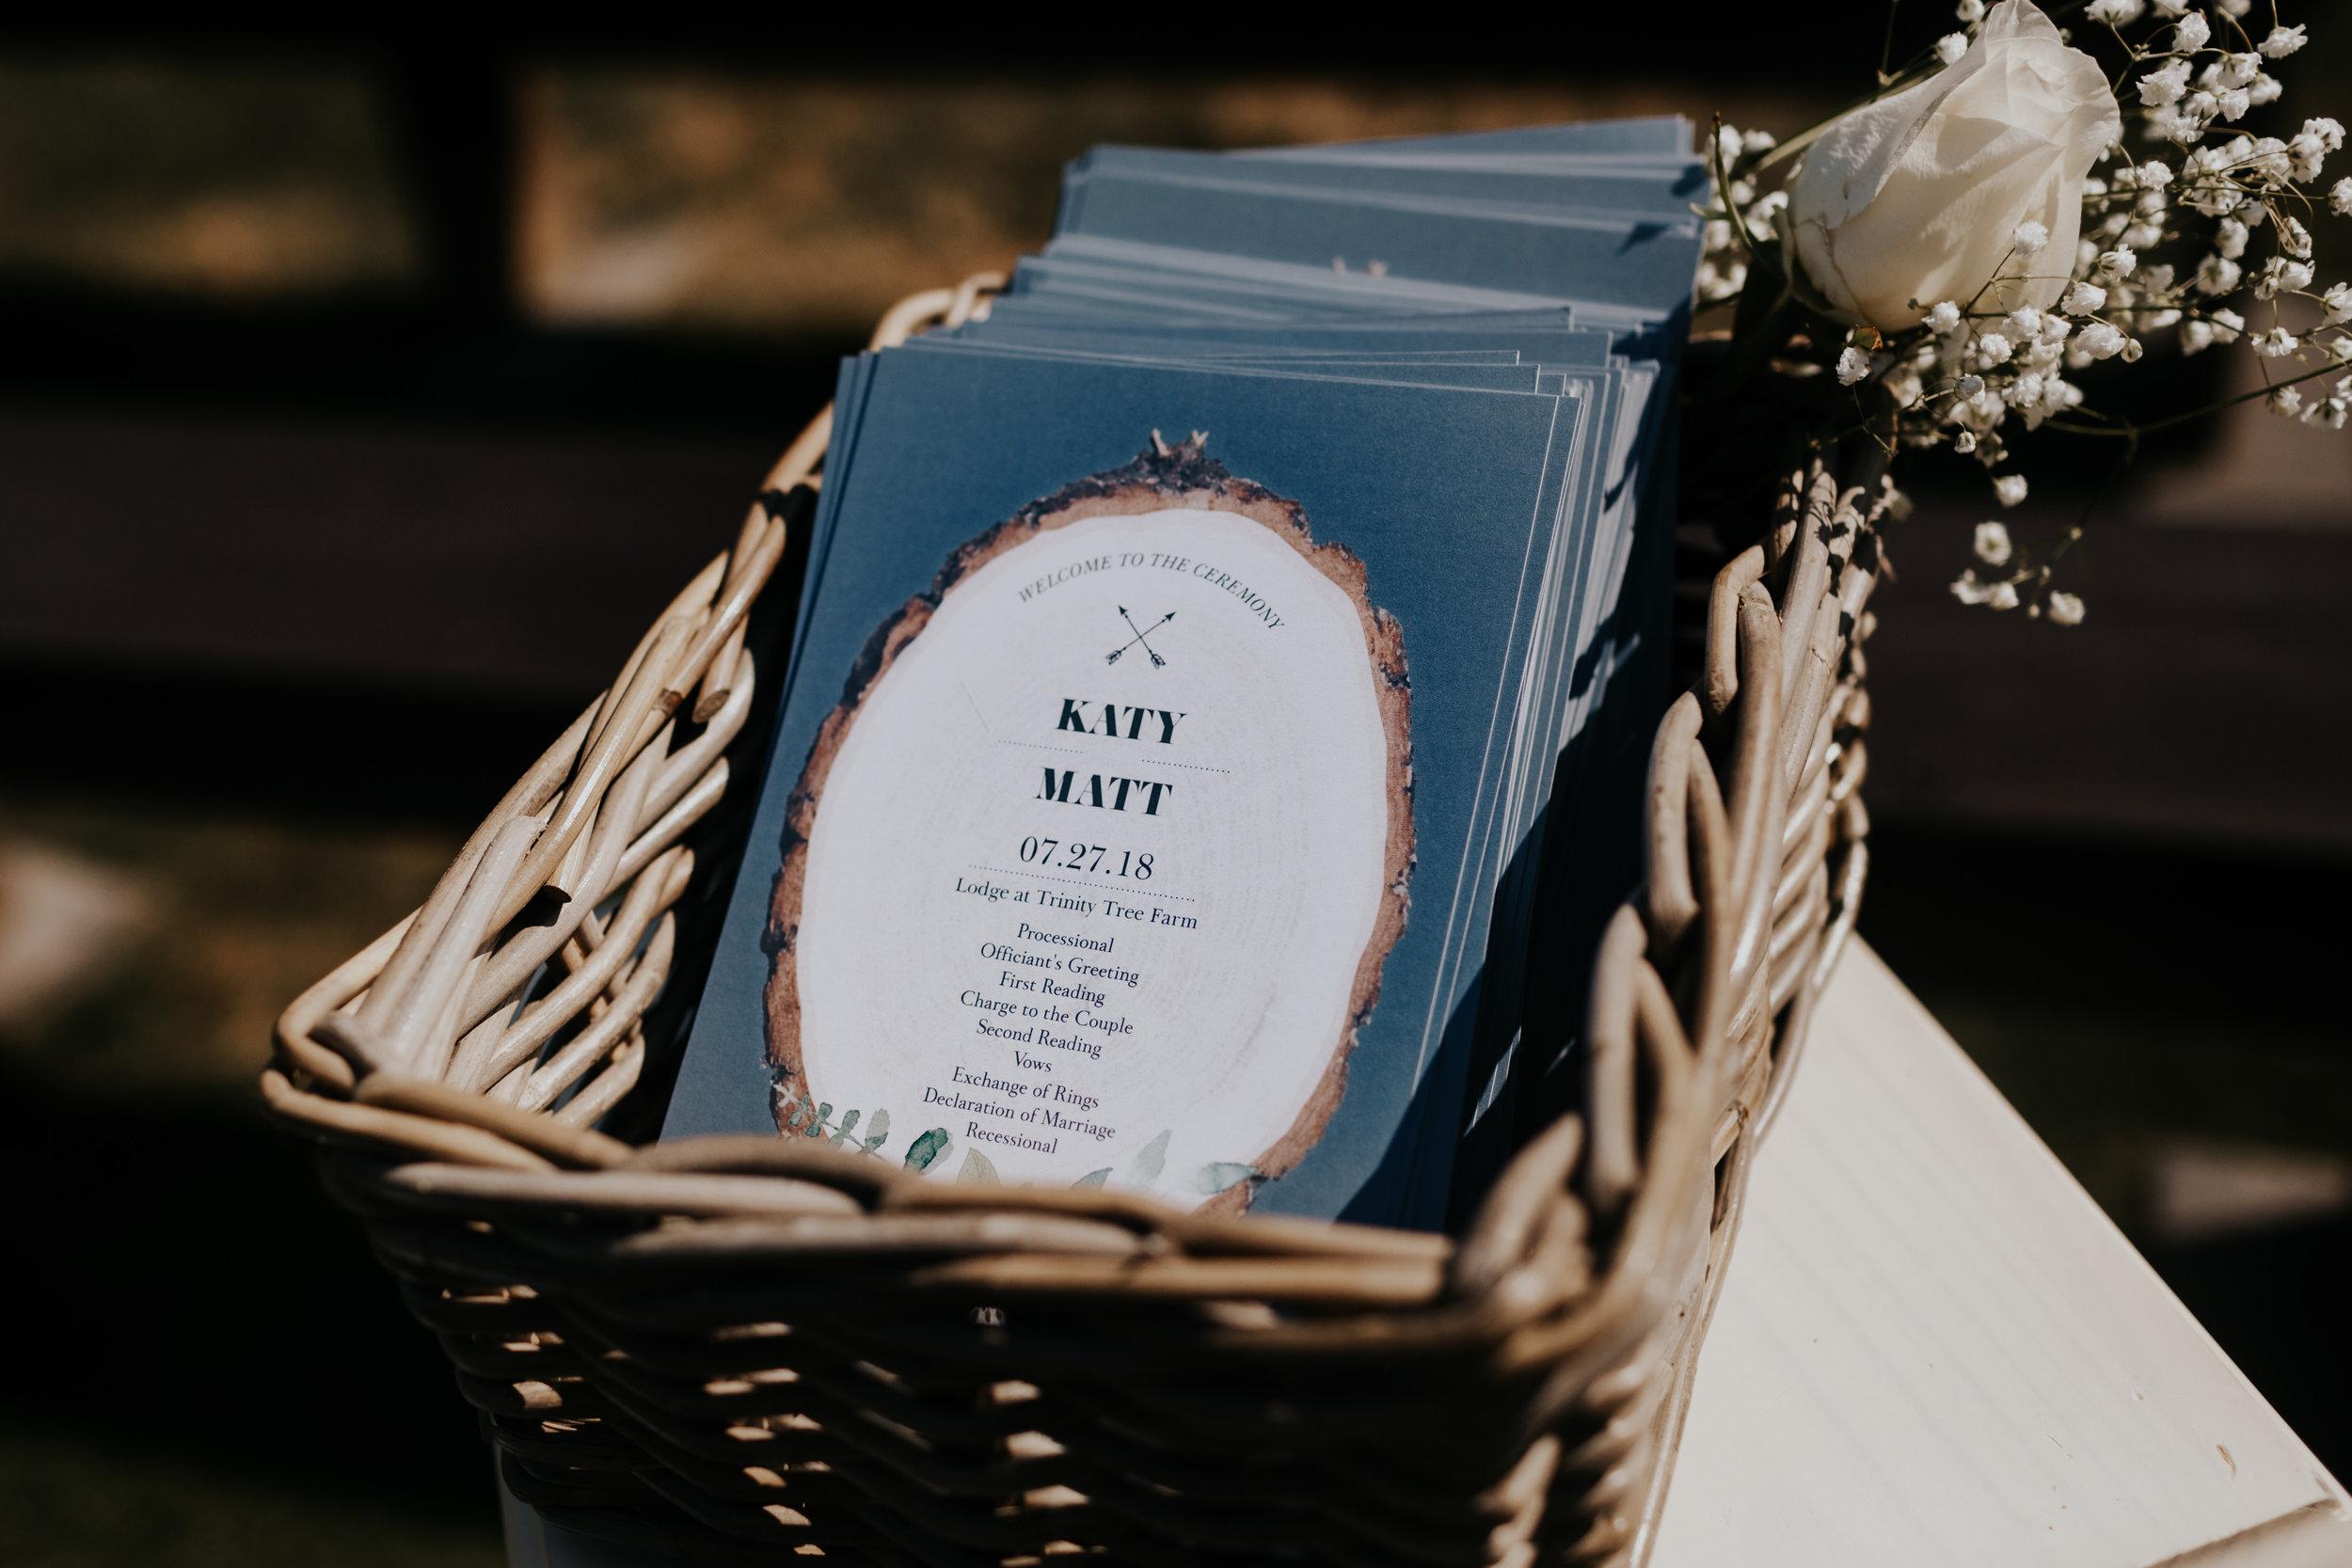 ginapaulson_katymatt_wedding-414.jpg